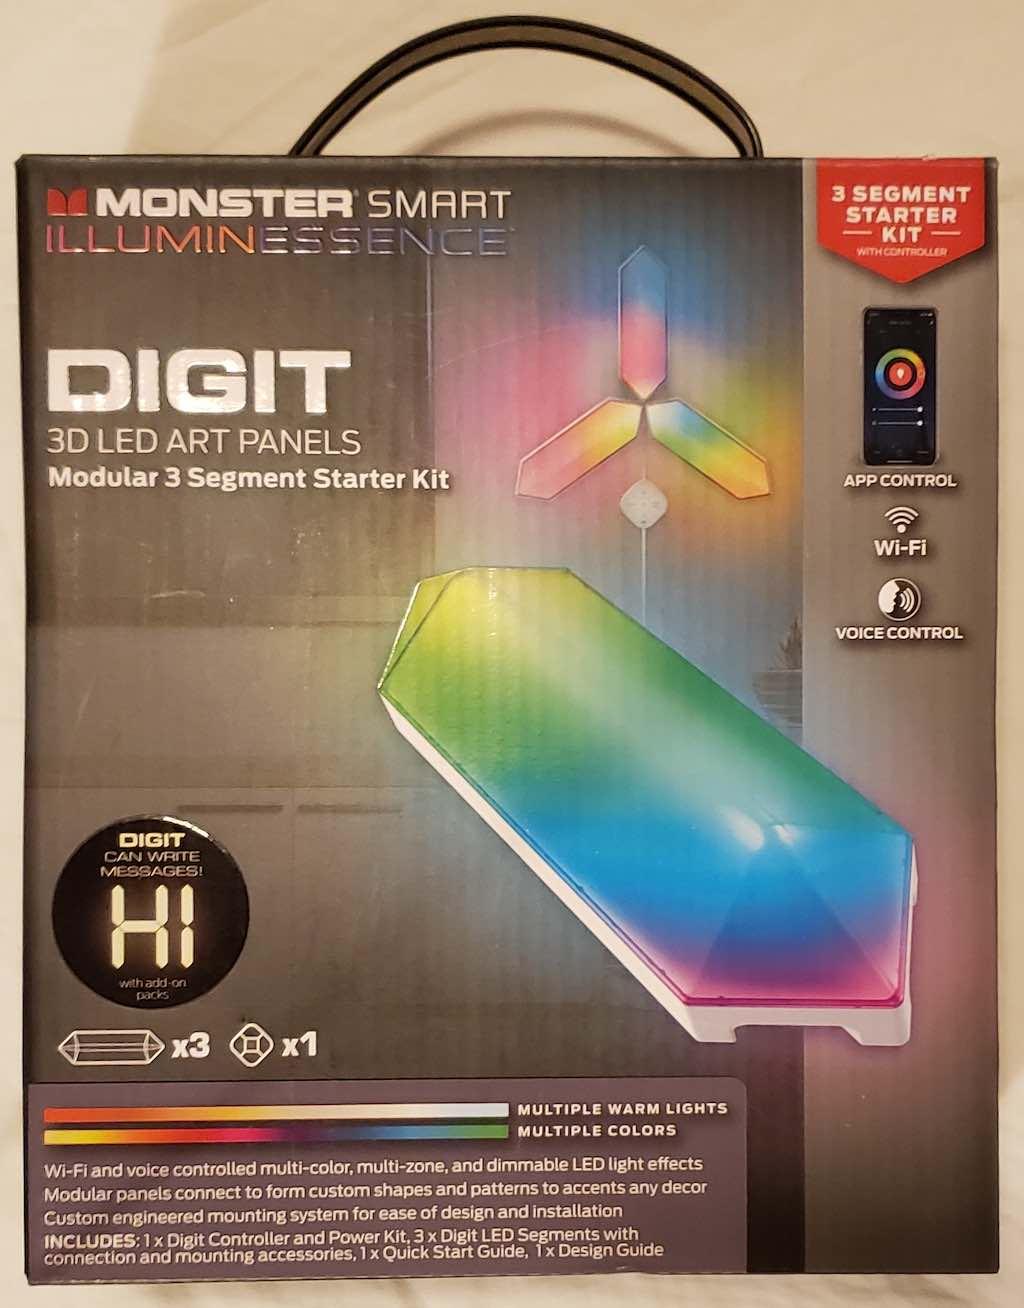 Monster Smart IlluminEssence DIGIT 3-D LED Art Panels Starter Kit